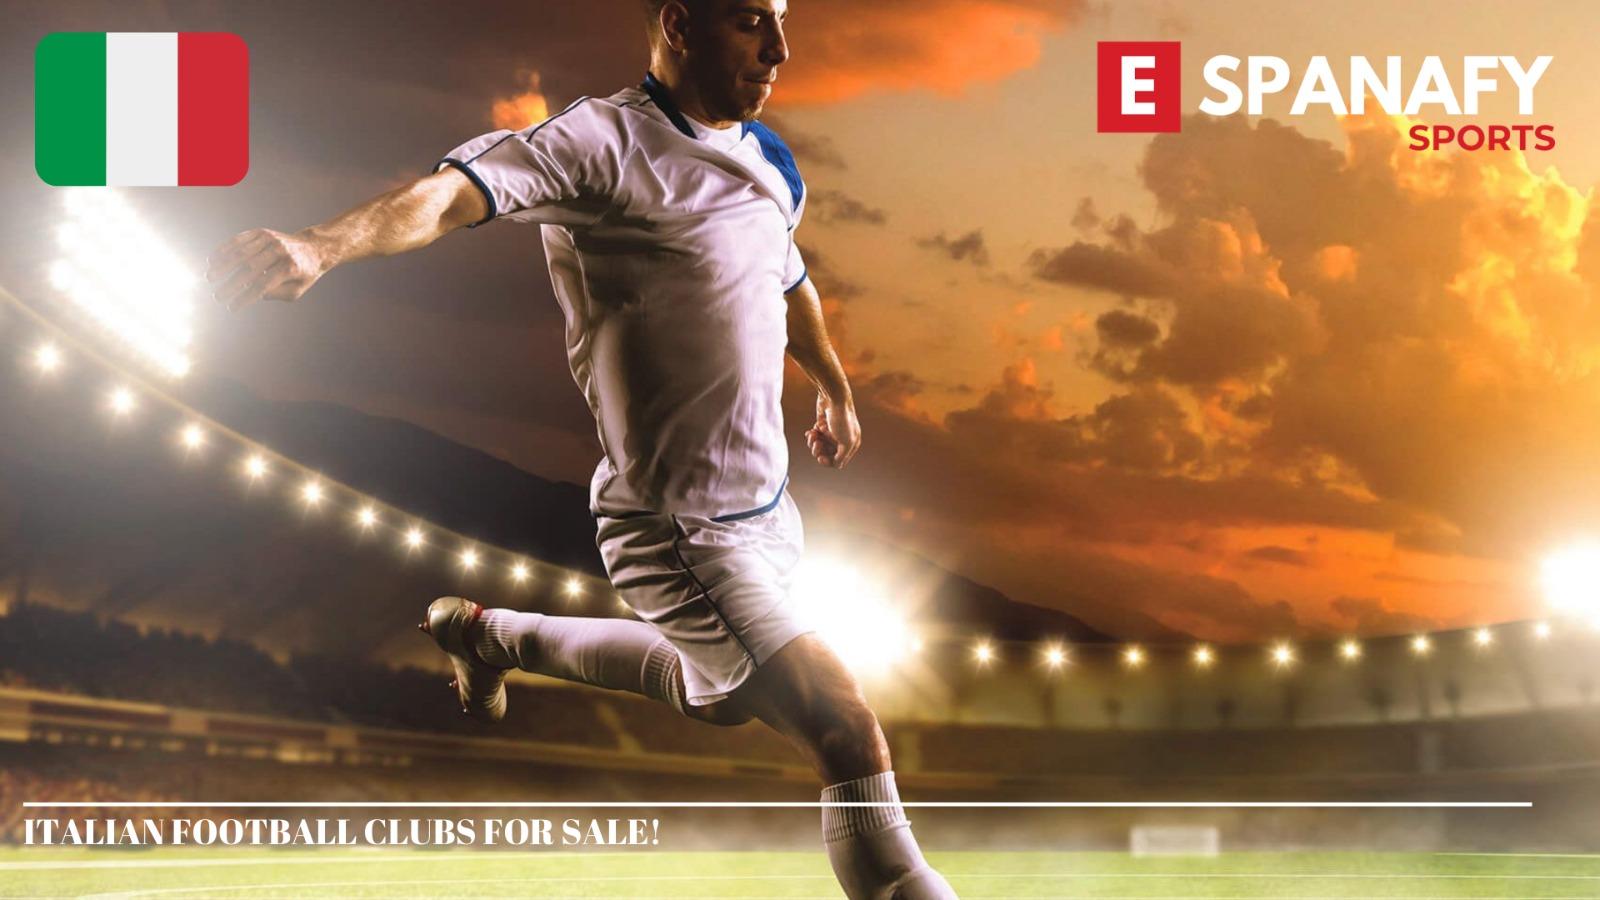 FOOTBALL Clubs Italy